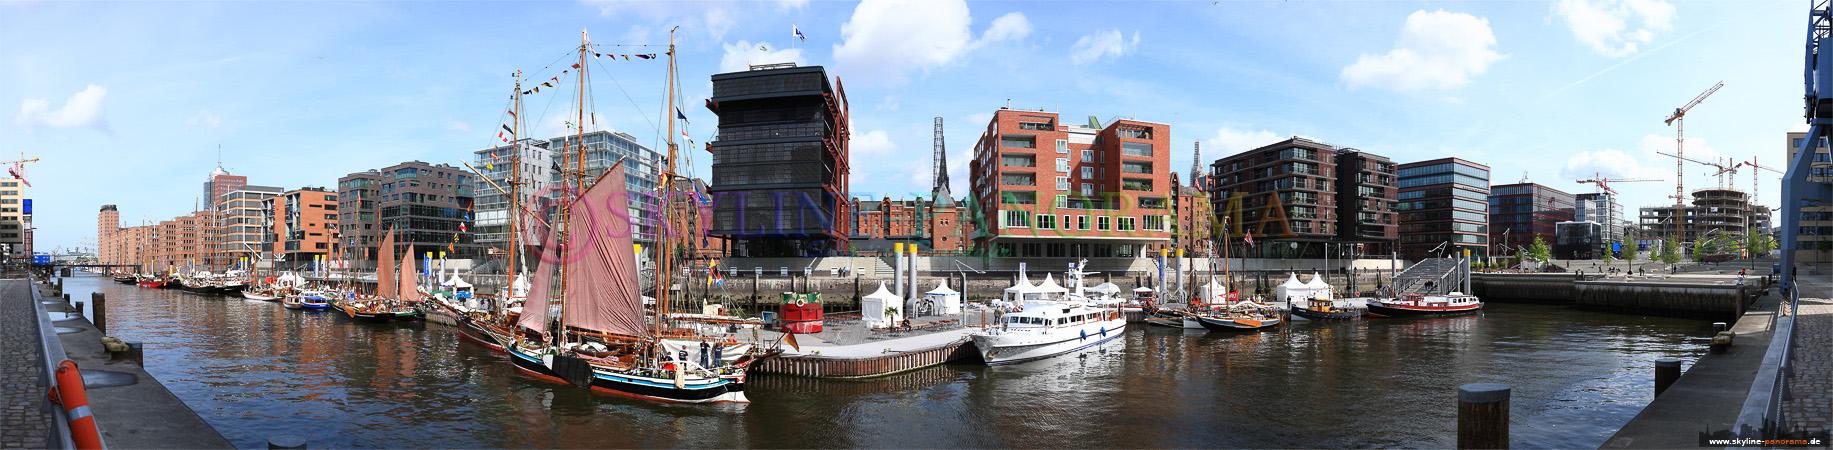 Bilder aus Hamburg - Blick in den Sandtorhafen zum Hamburger Hafengeburtstag 2009.